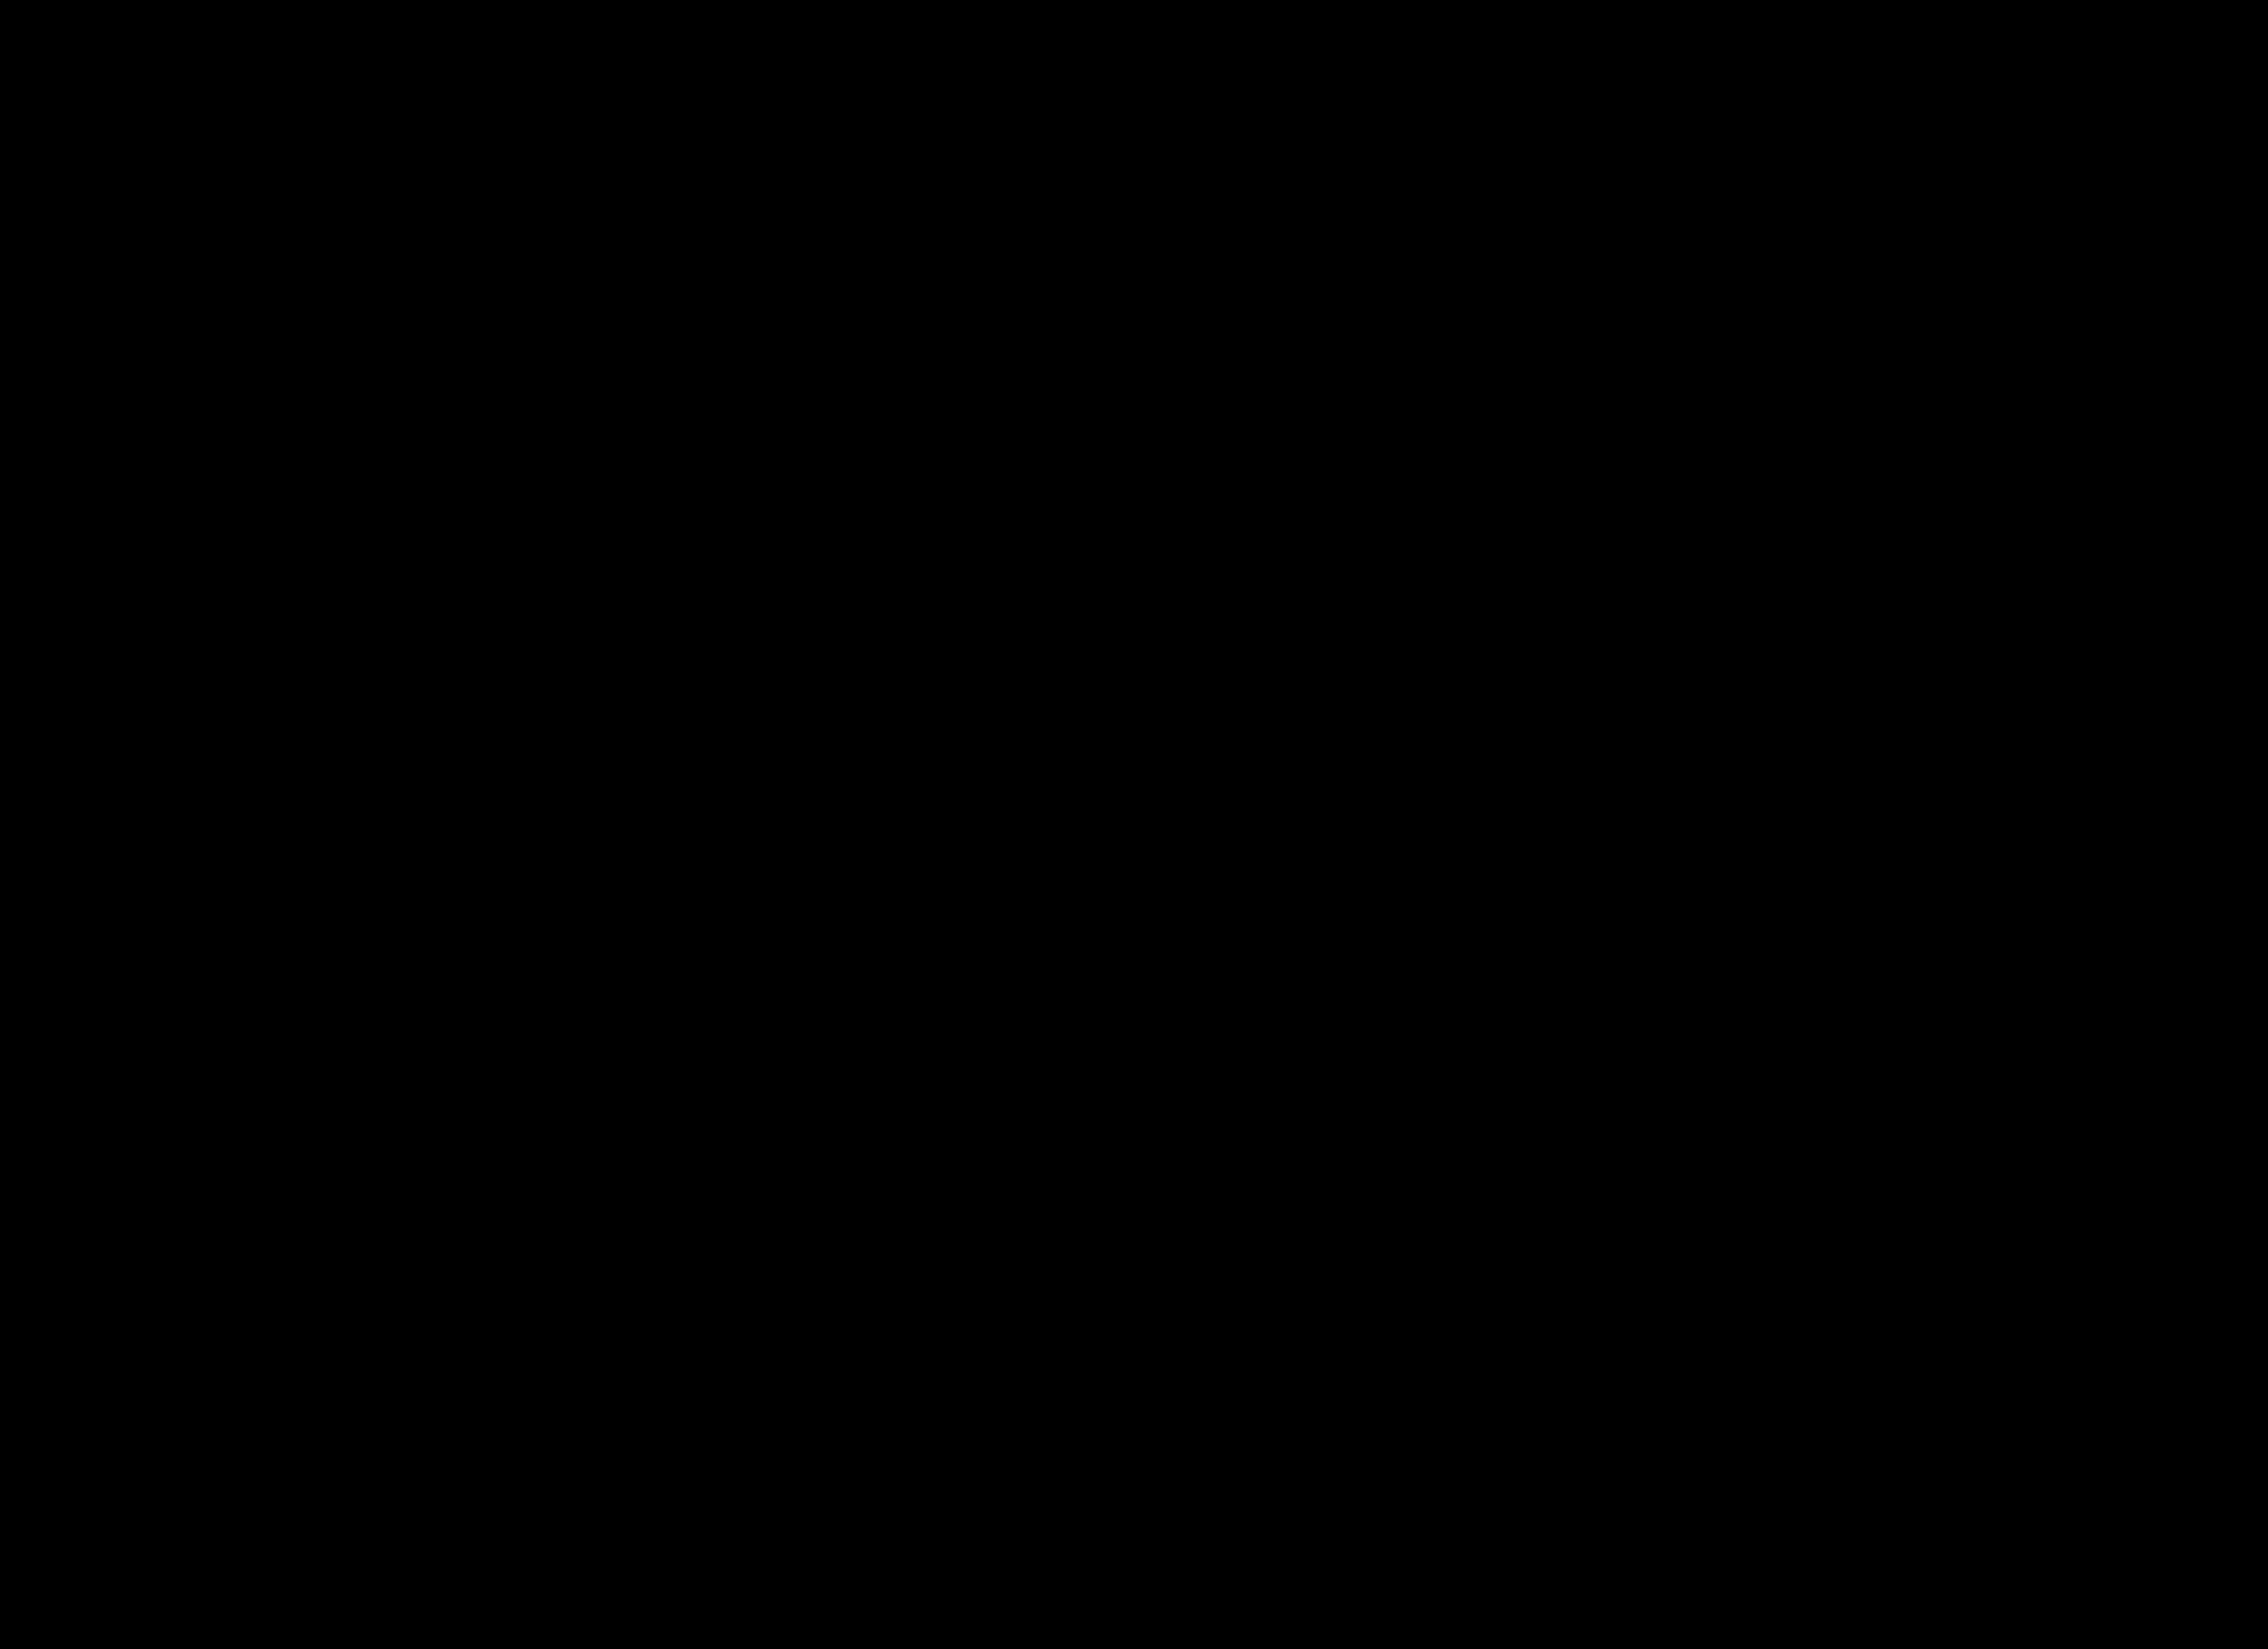 ''Carte hydro-geo-graphique des Indes Orientales en deca et au dela du Gange avec leur archipel'', Paris 1771